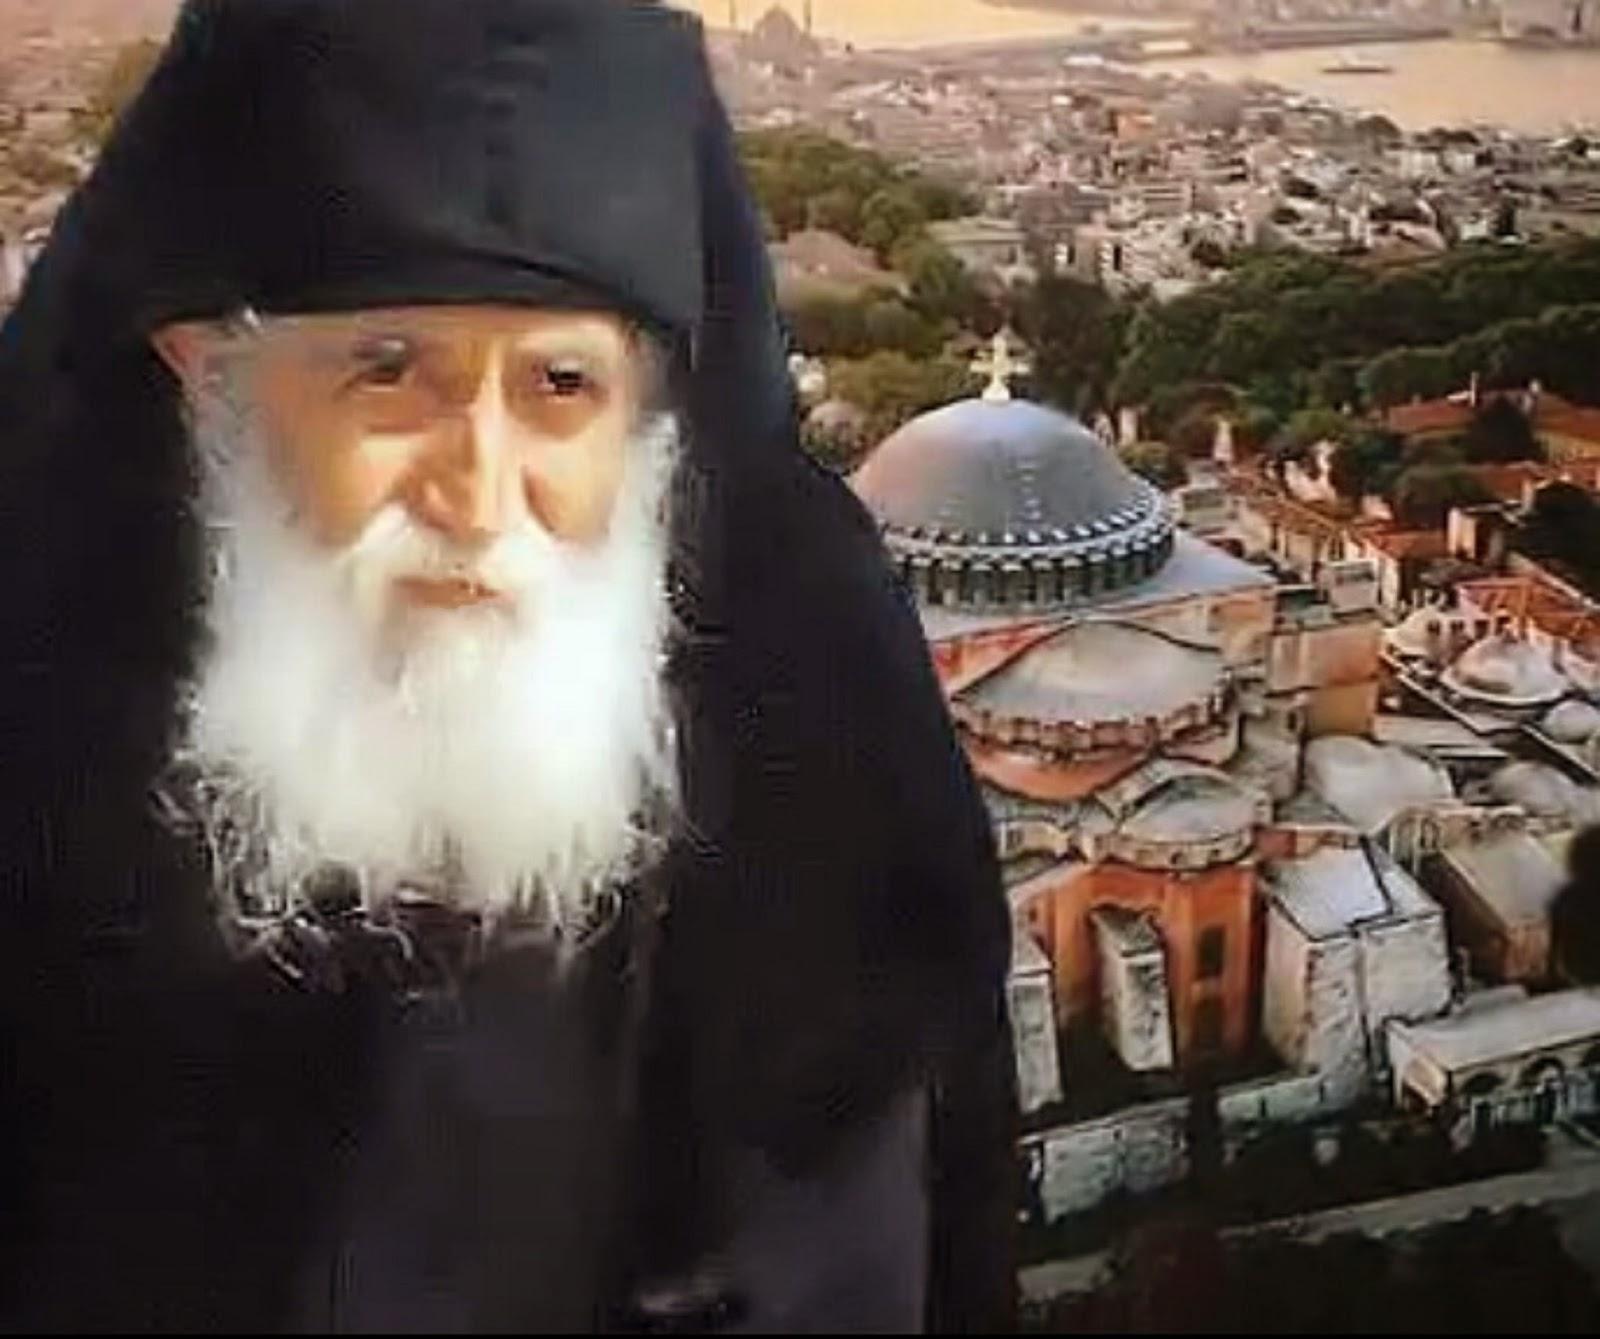 Η άποψη του Άγιου γέροντα Παίσιου για το τι κόμματα θα πρέπει να ψηφίζουν οι χριστιανοί